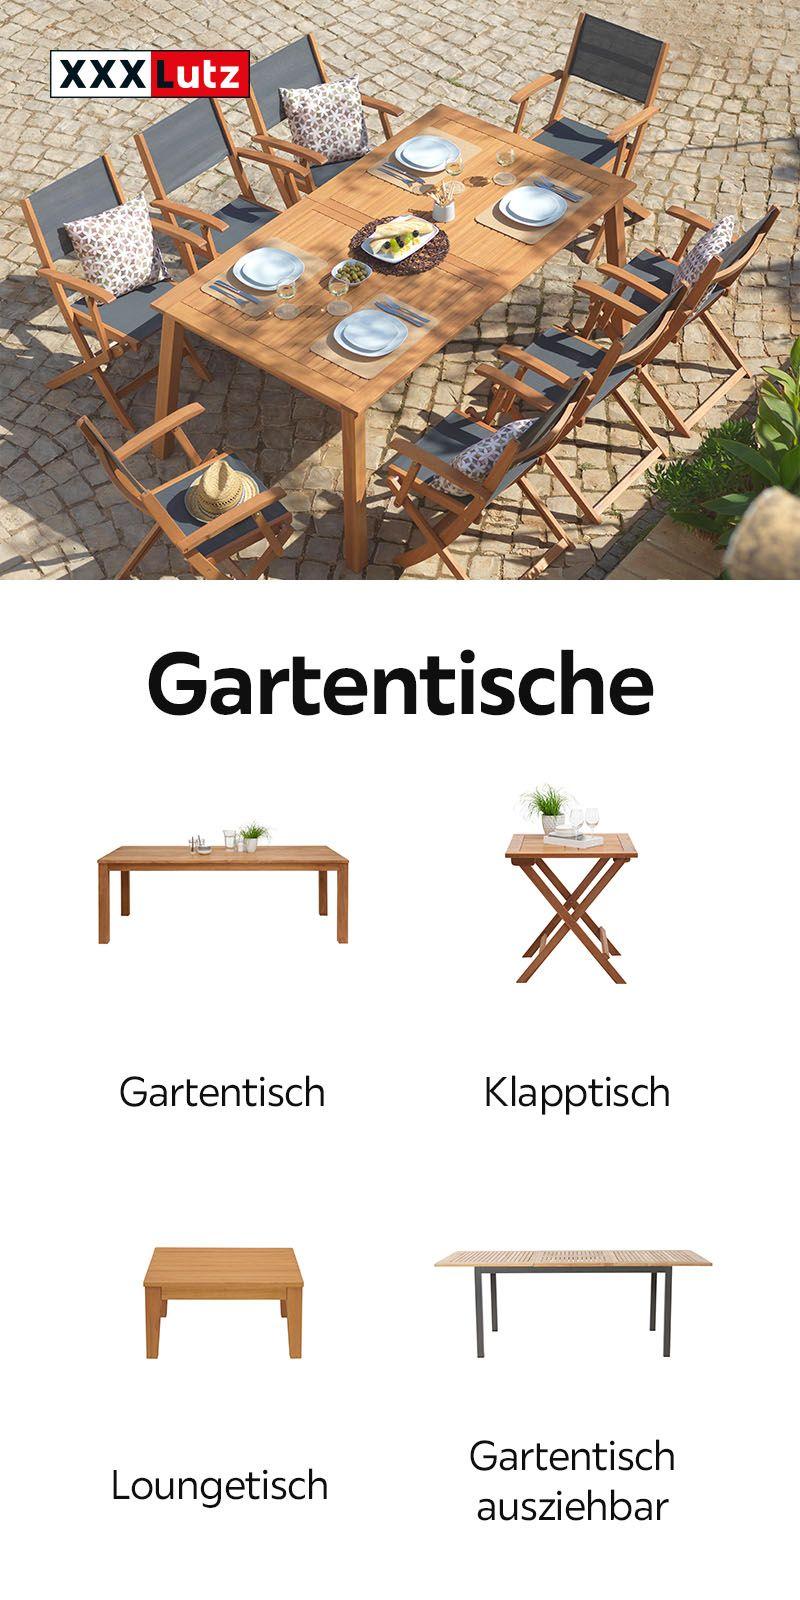 Gartentische Klapptisch Loungetisch Gartentisch Ausziehbar